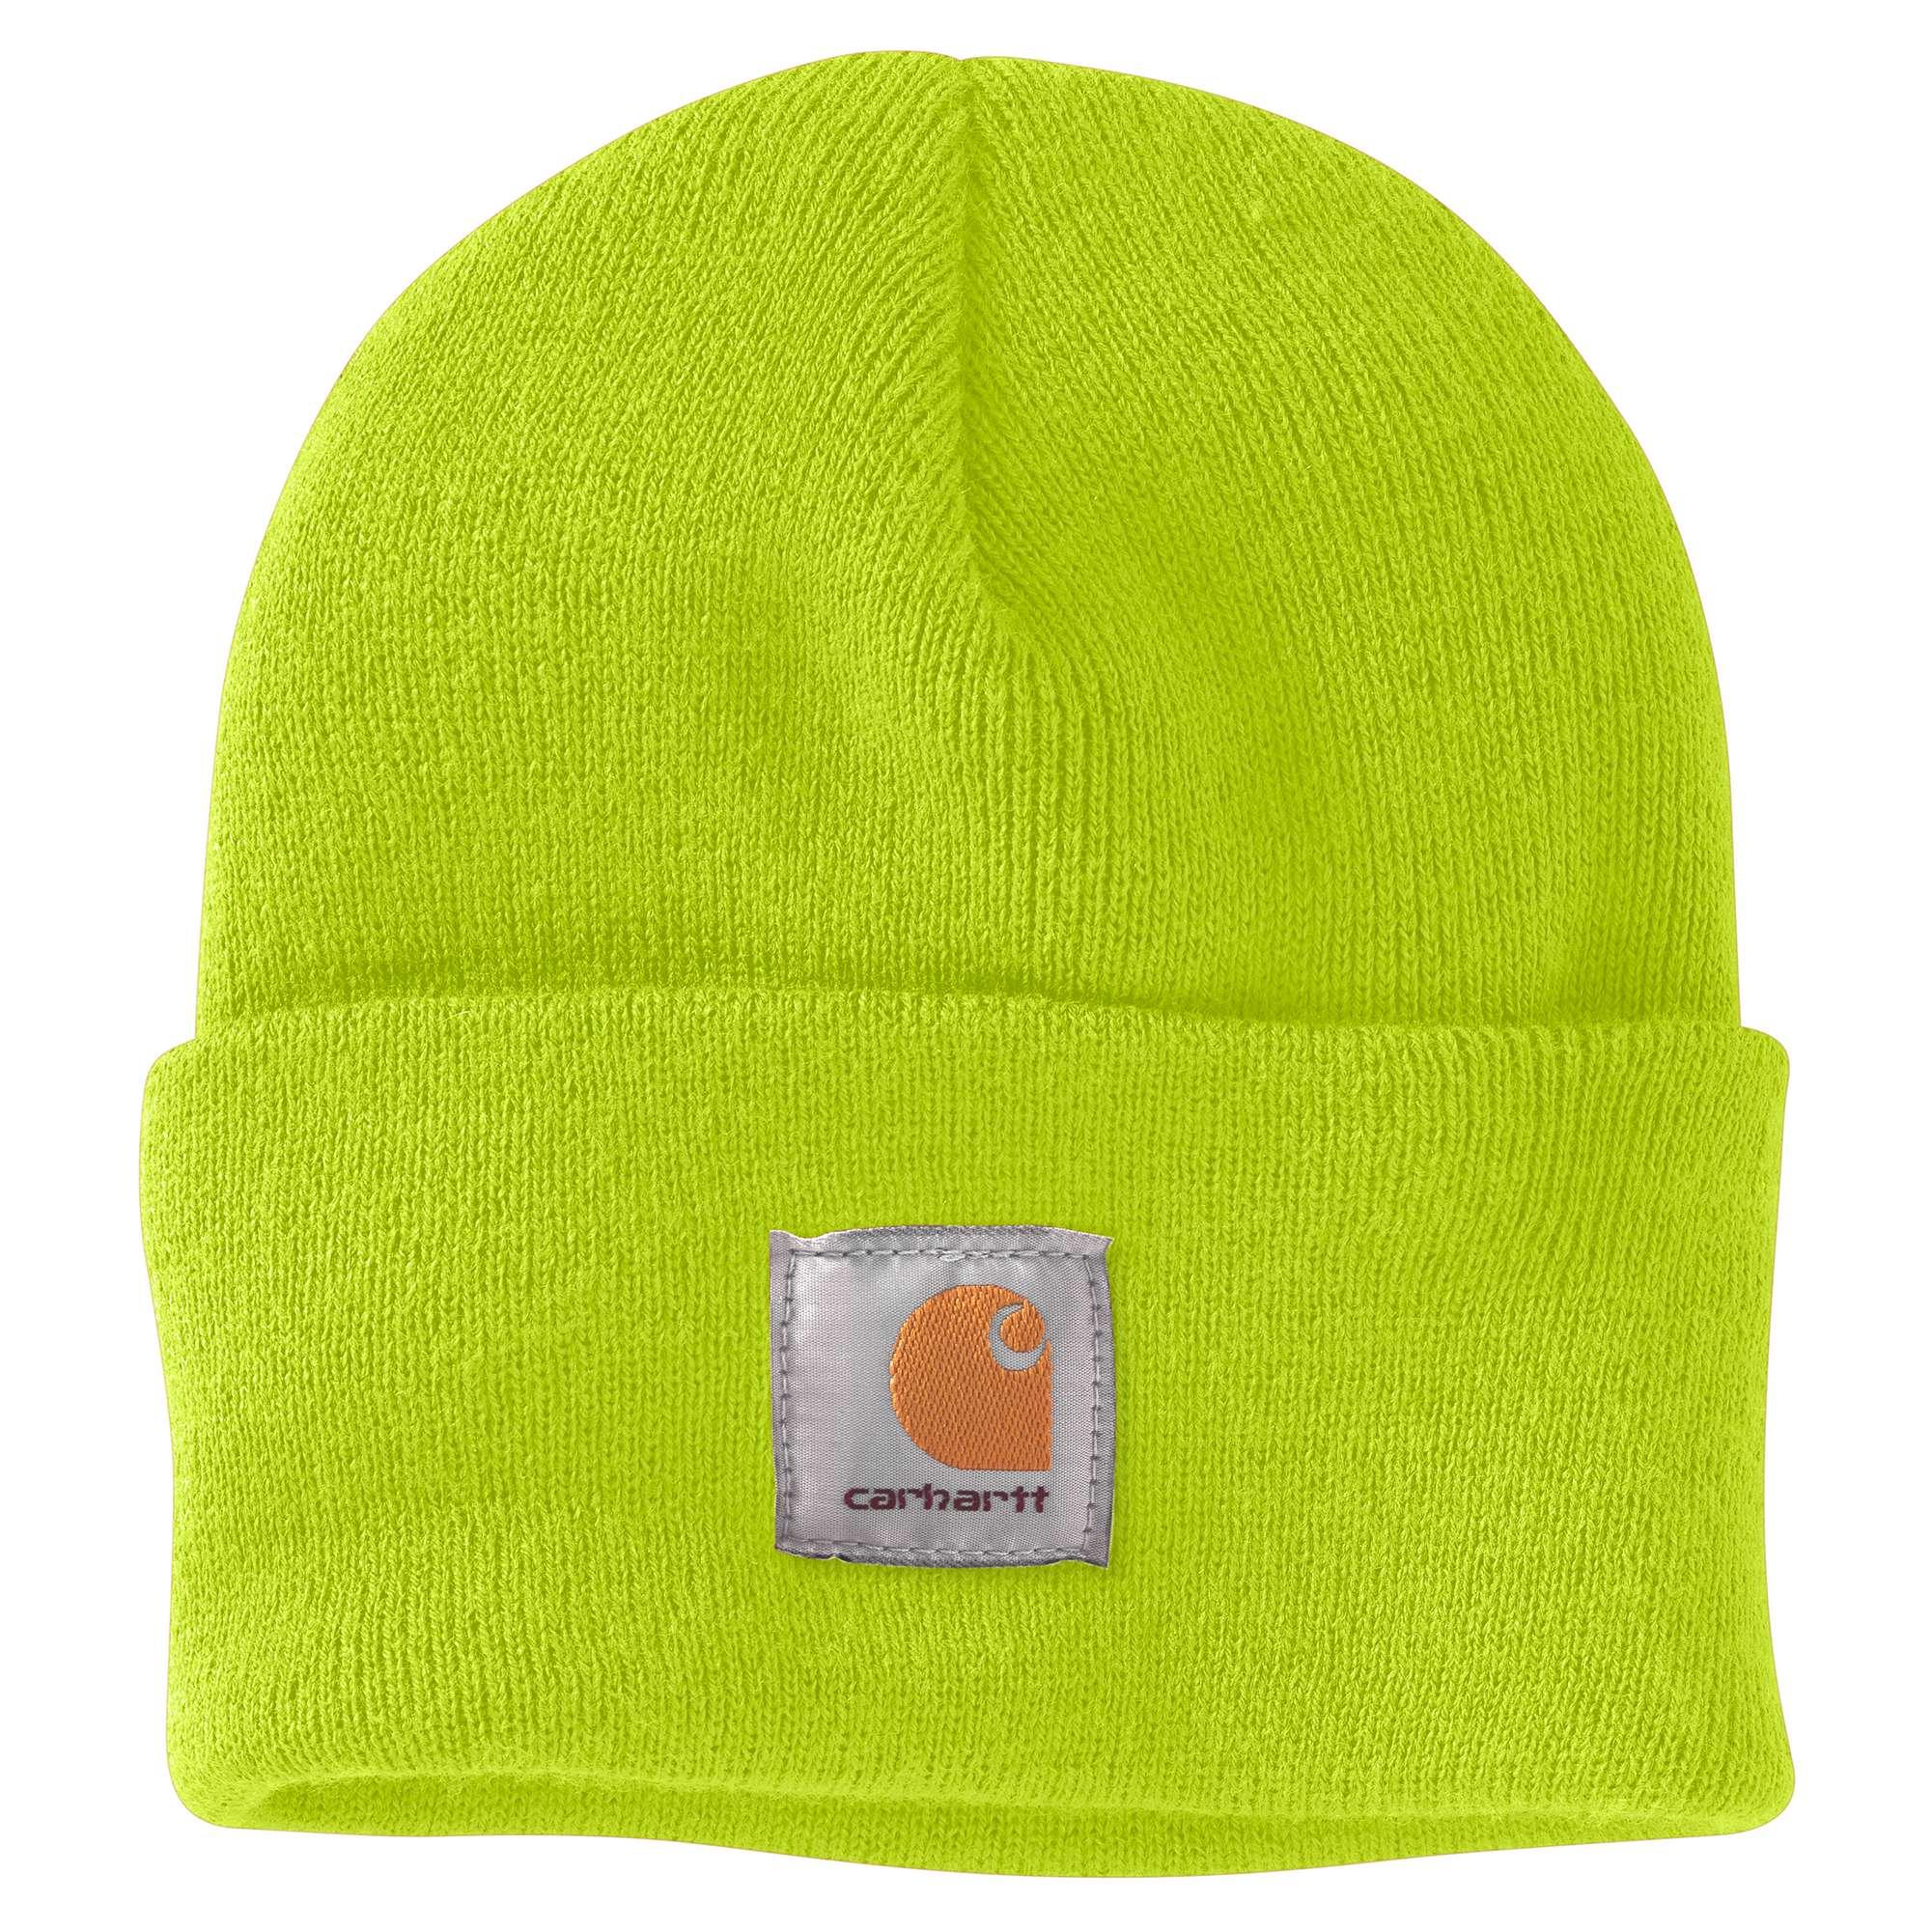 M Cotton Canvas Cap, Lime, swatch